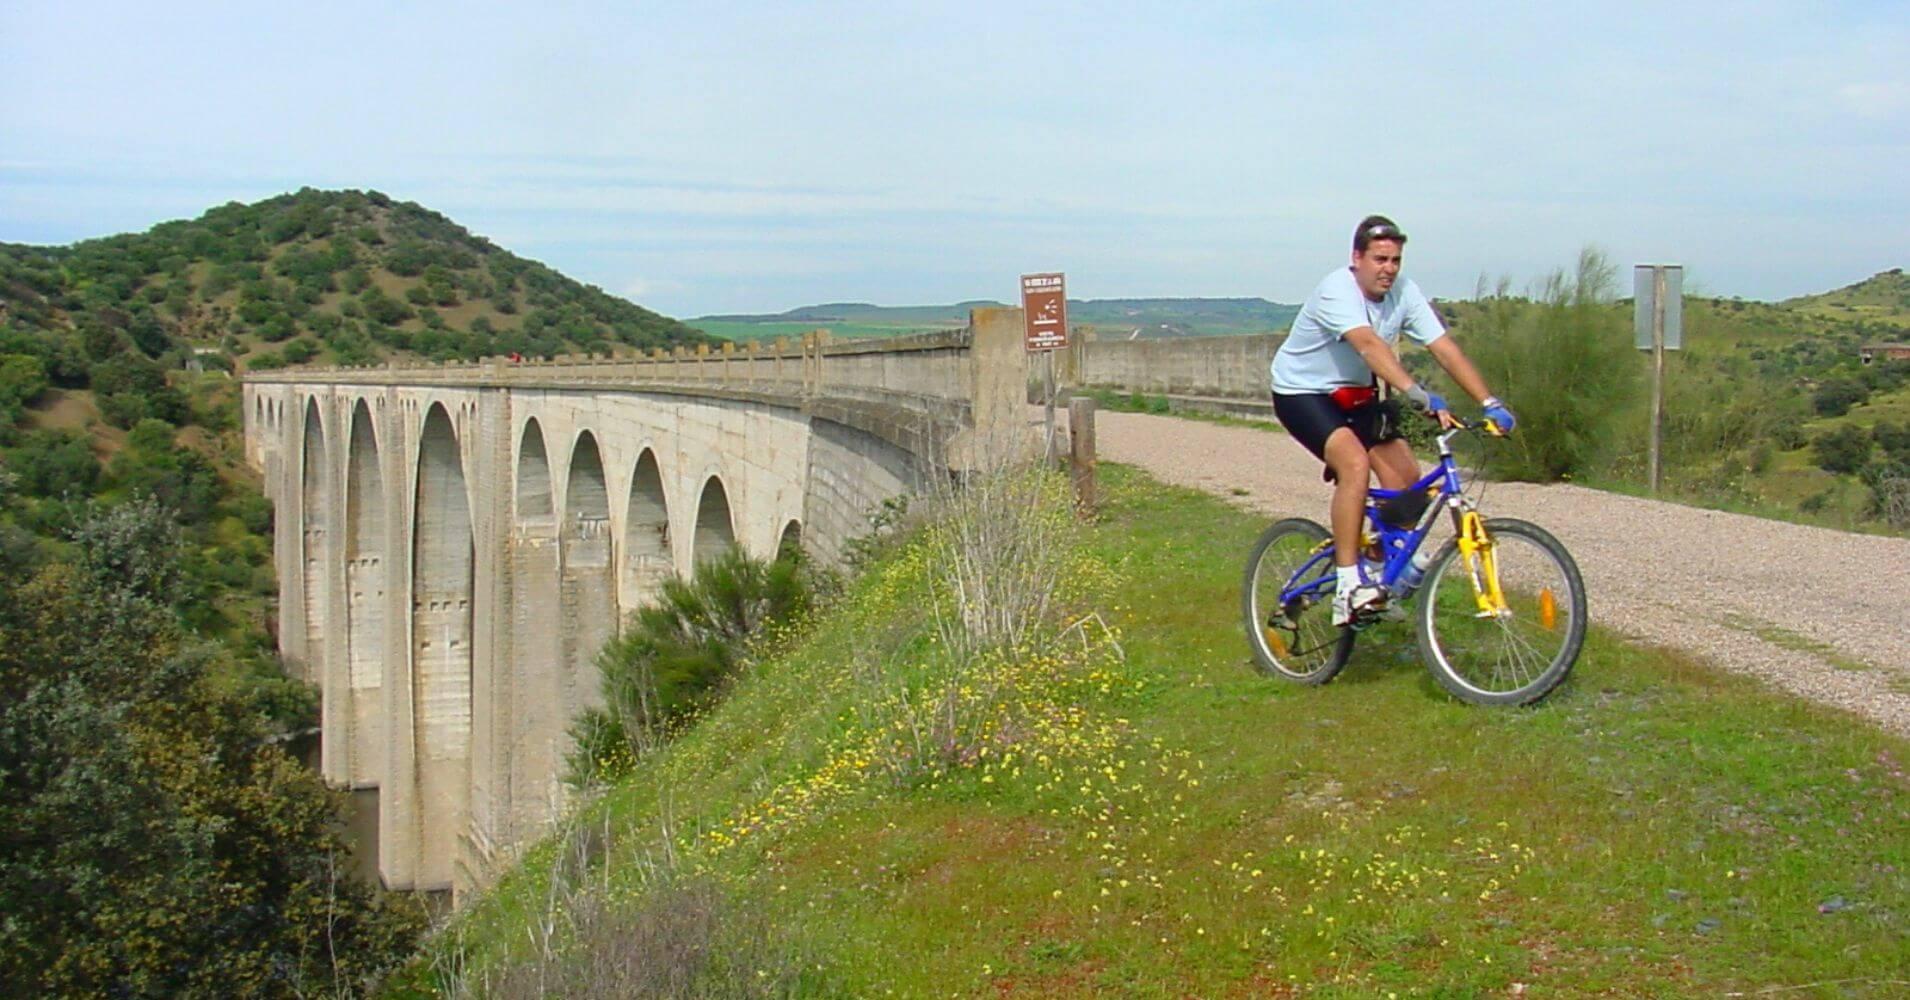 Viaducto de Azután. Vía Verde de la Jara. Toledo, Castilla la Mancha.